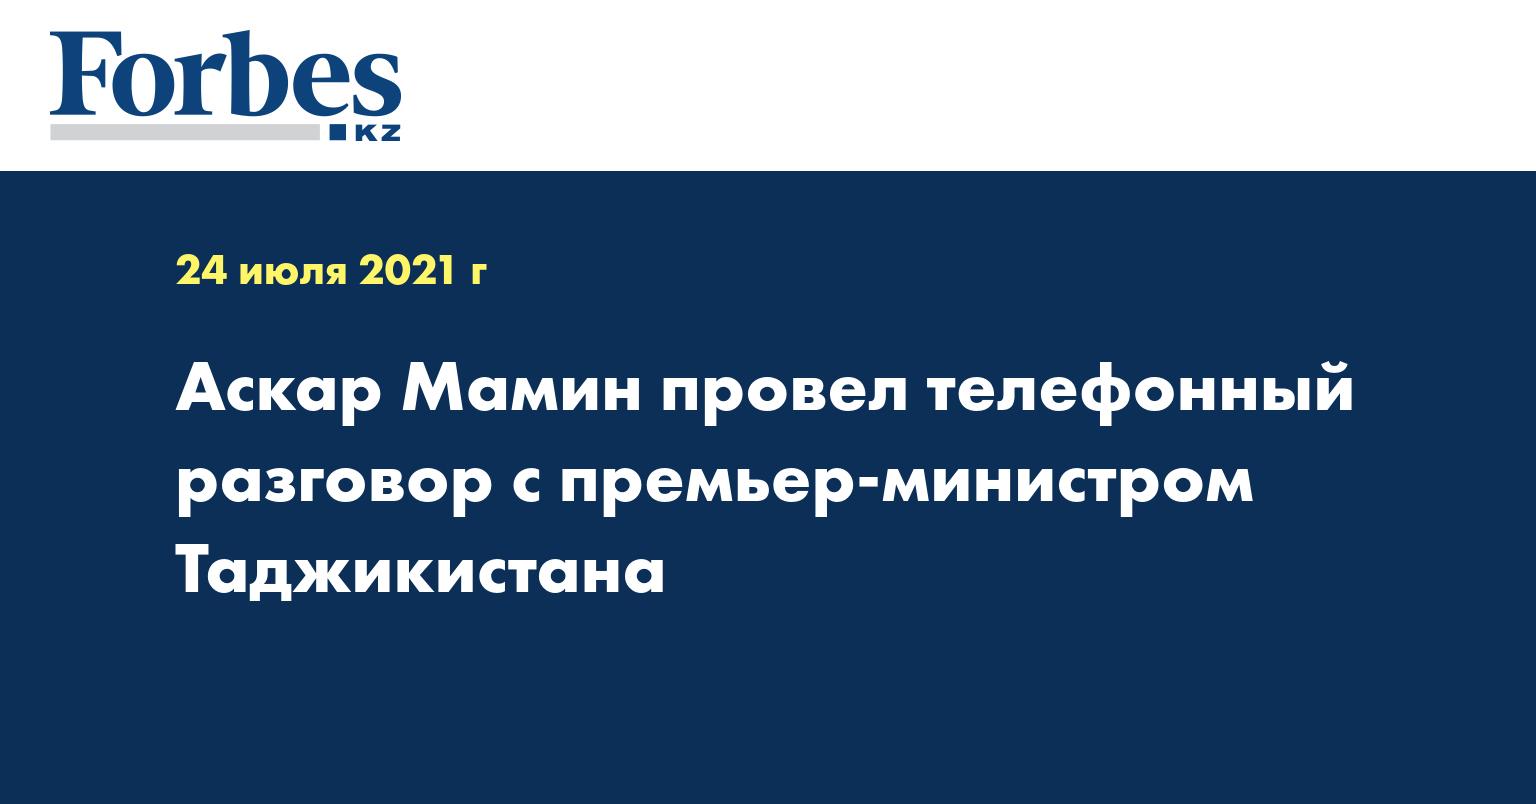 Аскар Мамин провел телефонный разговор с премьер-министром Таджикистана